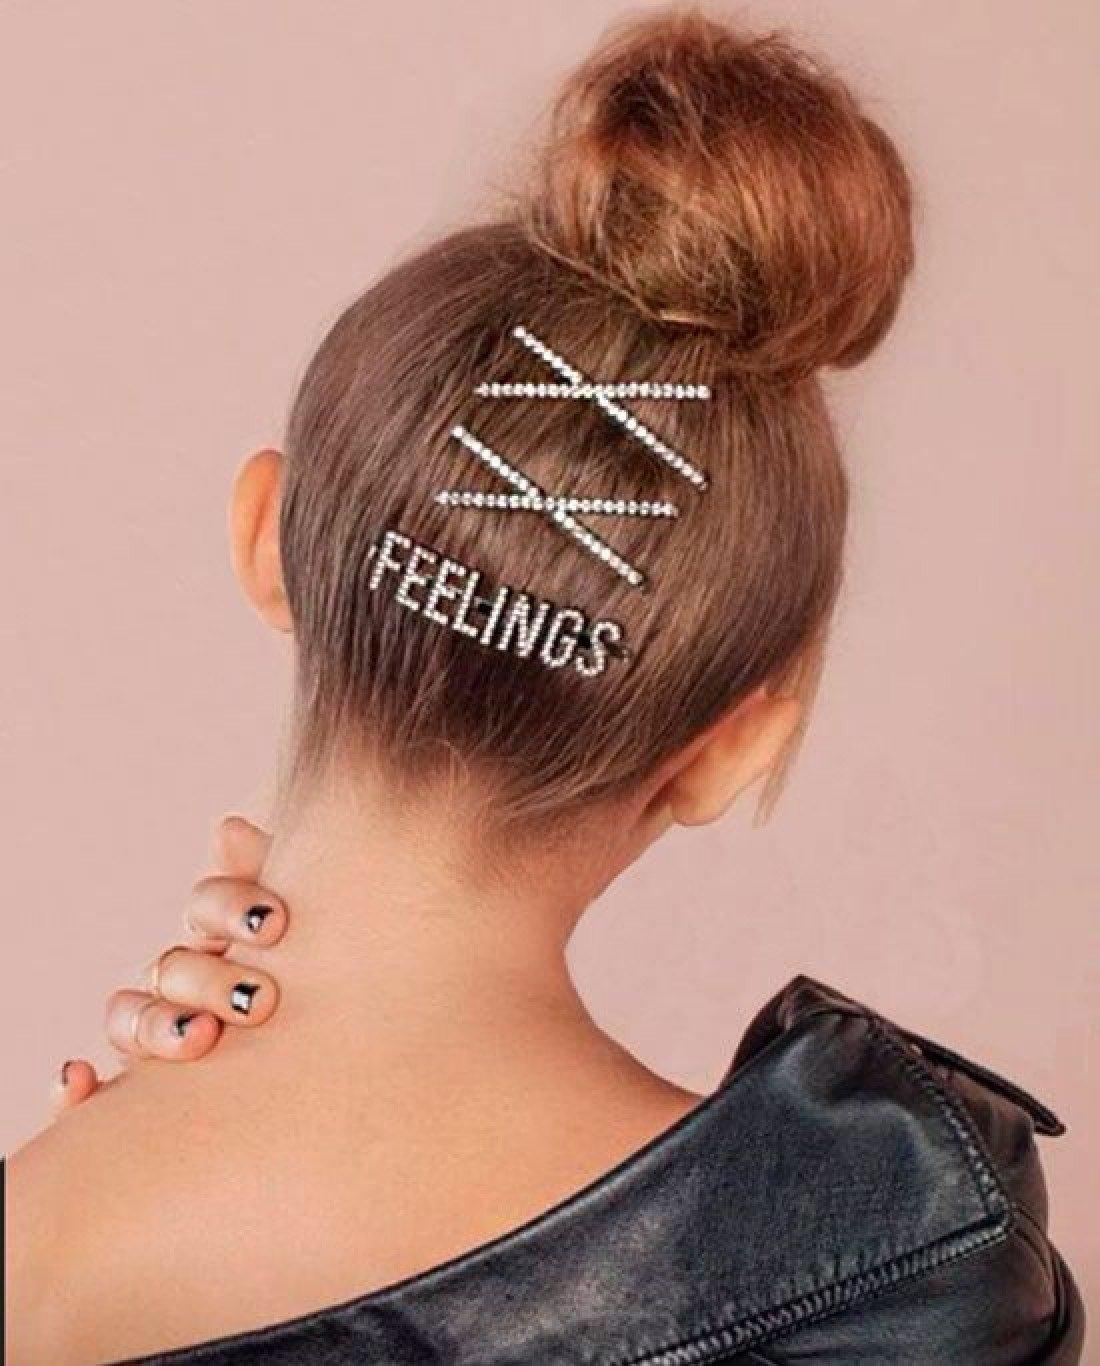 Зачіски для занять спортом: топ-5 укладок для активних дівчат